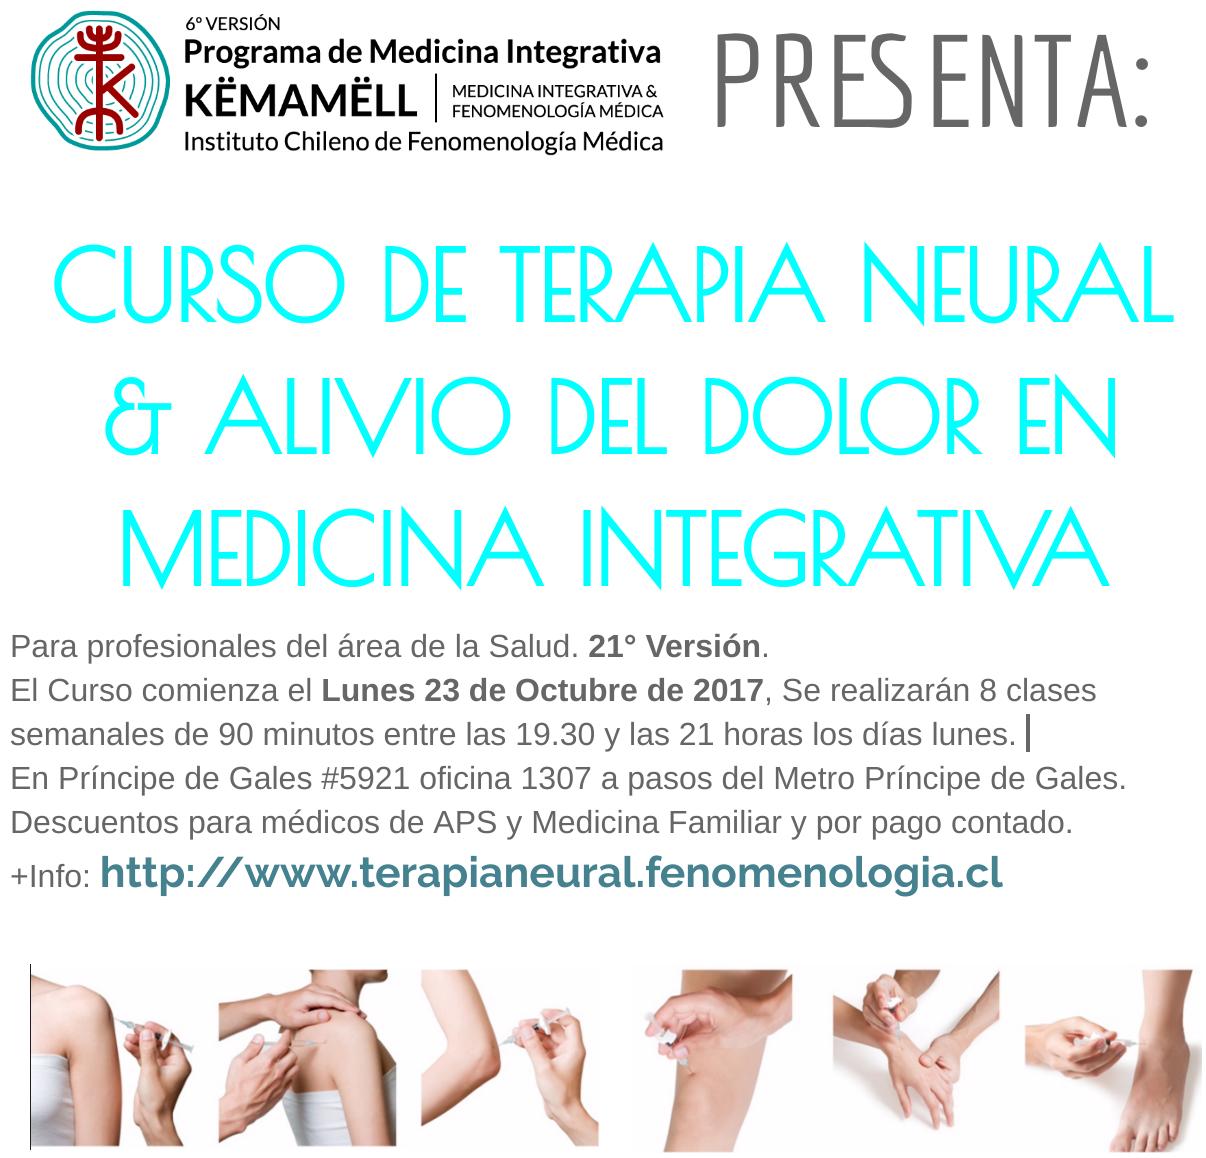 https://sites.google.com/a/ammonites.cl/fenomenologia-medica/programas/terapianeural.fenomenologia.cl.png